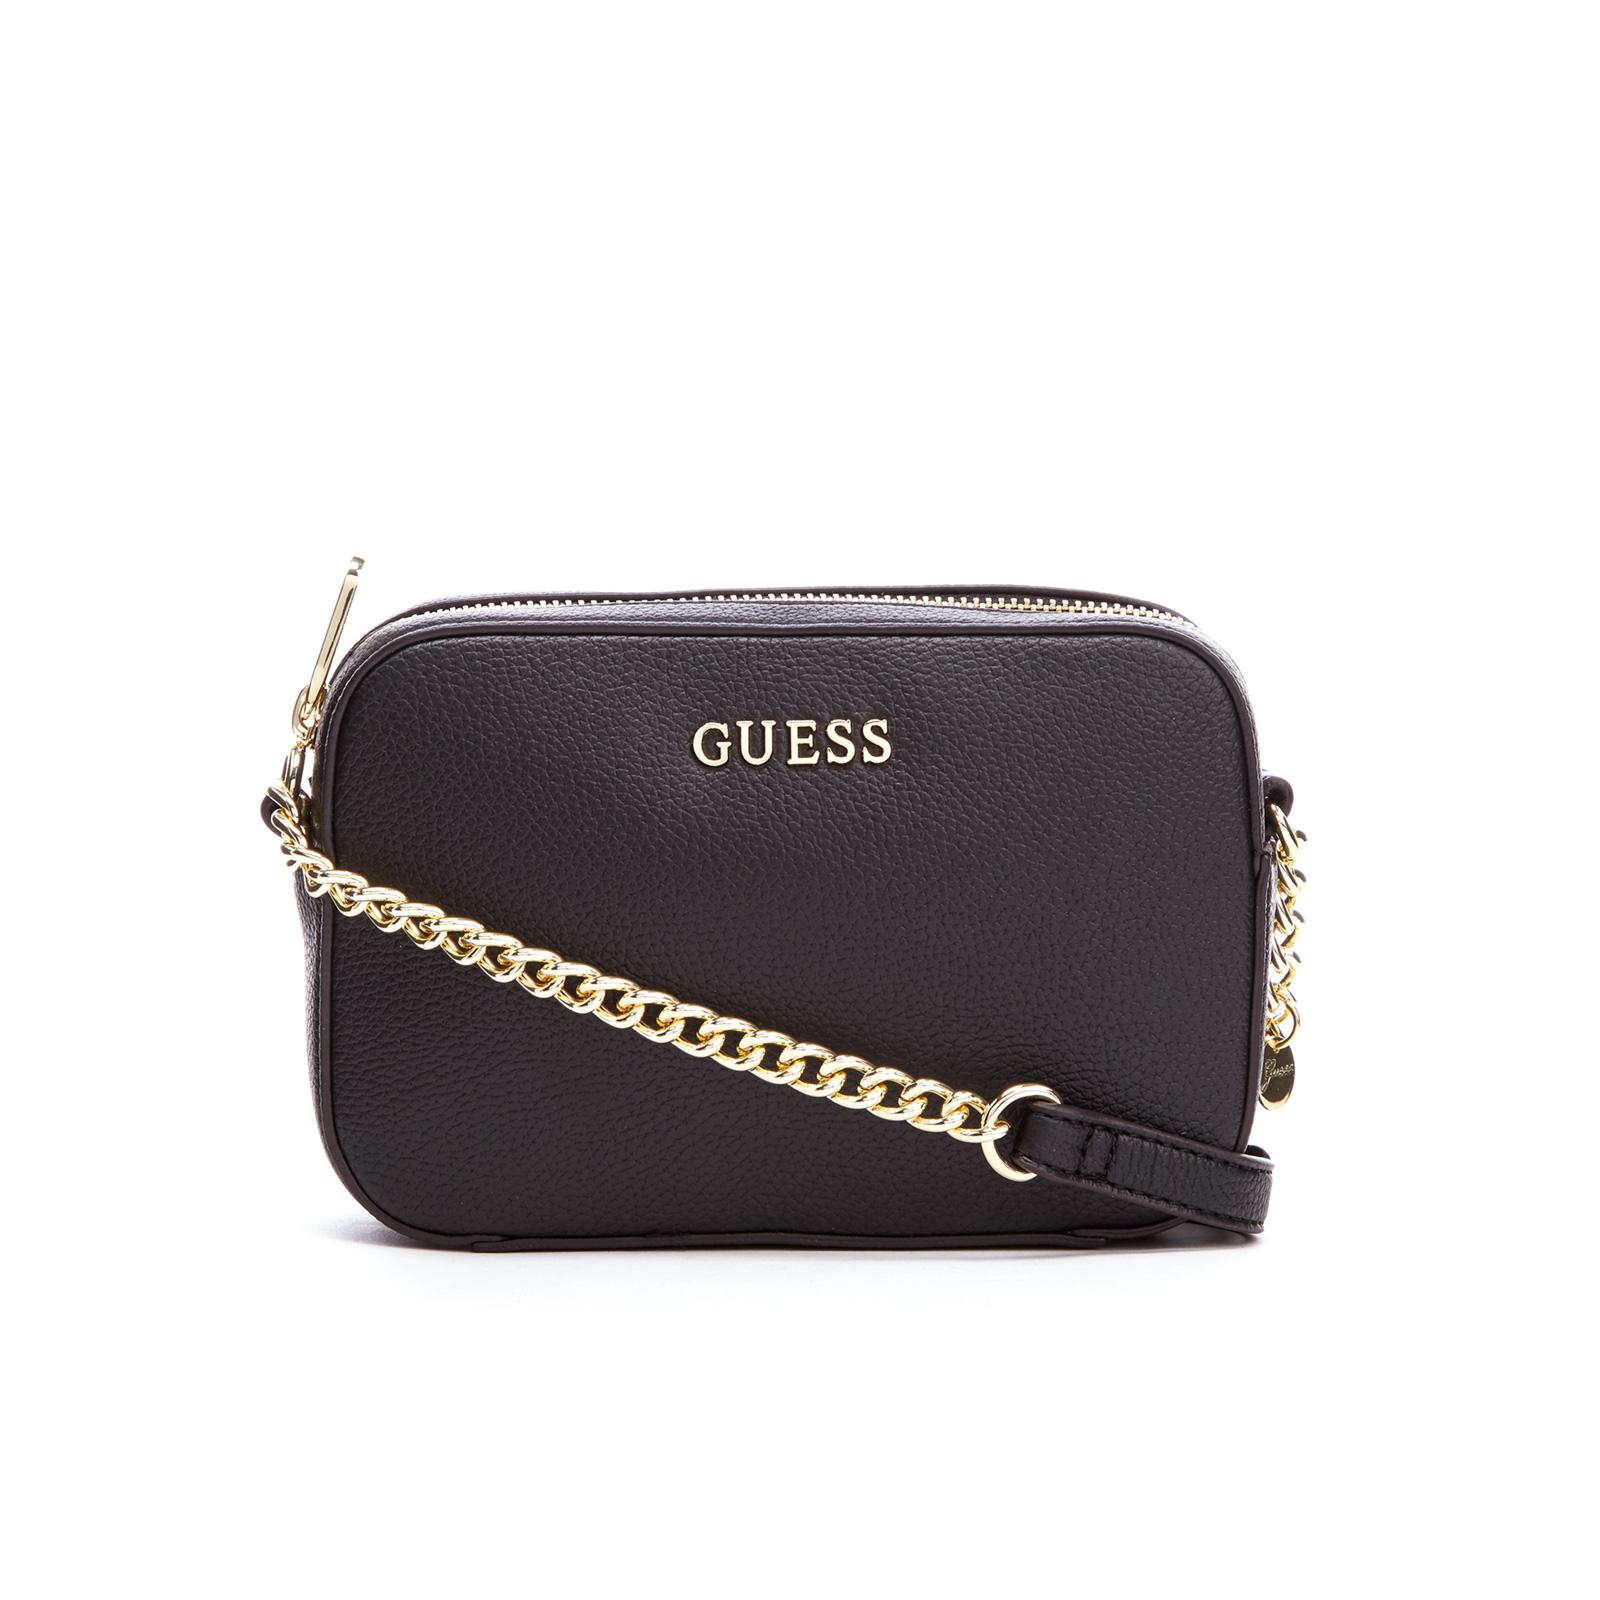 c5f910ac435be2 Guess Women S Isabeau Mini Cross Body Top Zip Bag Black Clothing